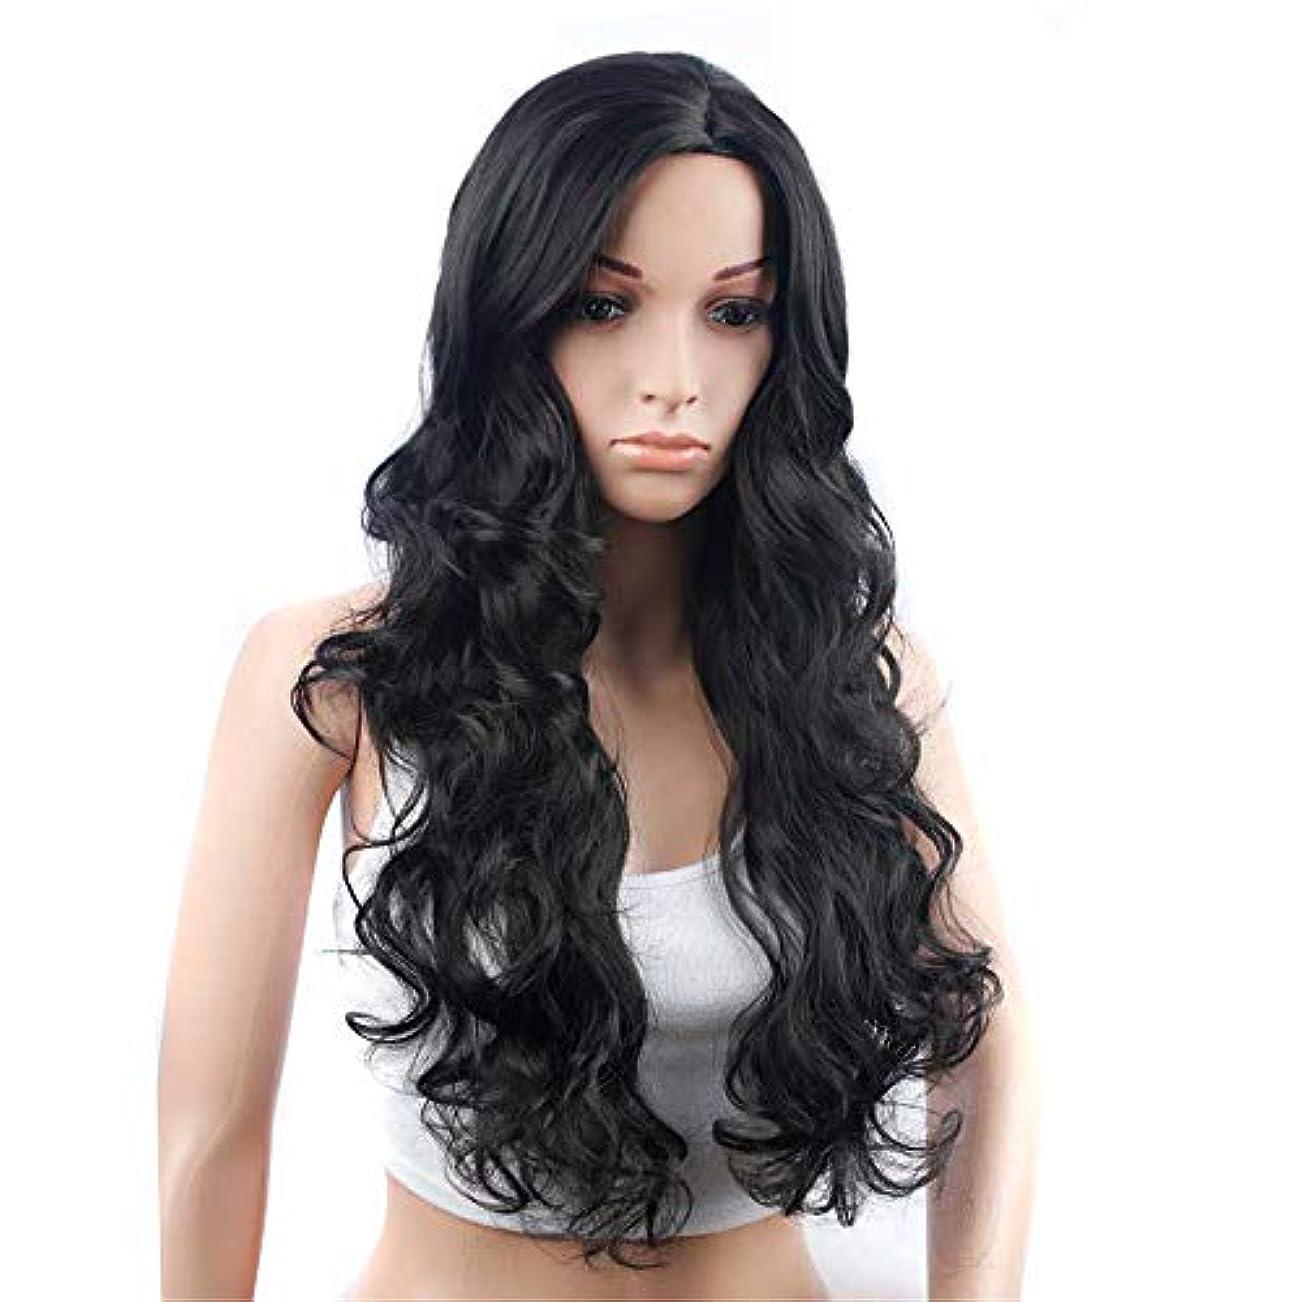 マネージャー面ブレンドウィッグロングウェーブブラックカラーロングウェーブ人工毛高温繊維ヘアスタイル女性用髪の毛ナチュラルミドルパート耐熱ヘアプレイ、ハロウィン23インチ